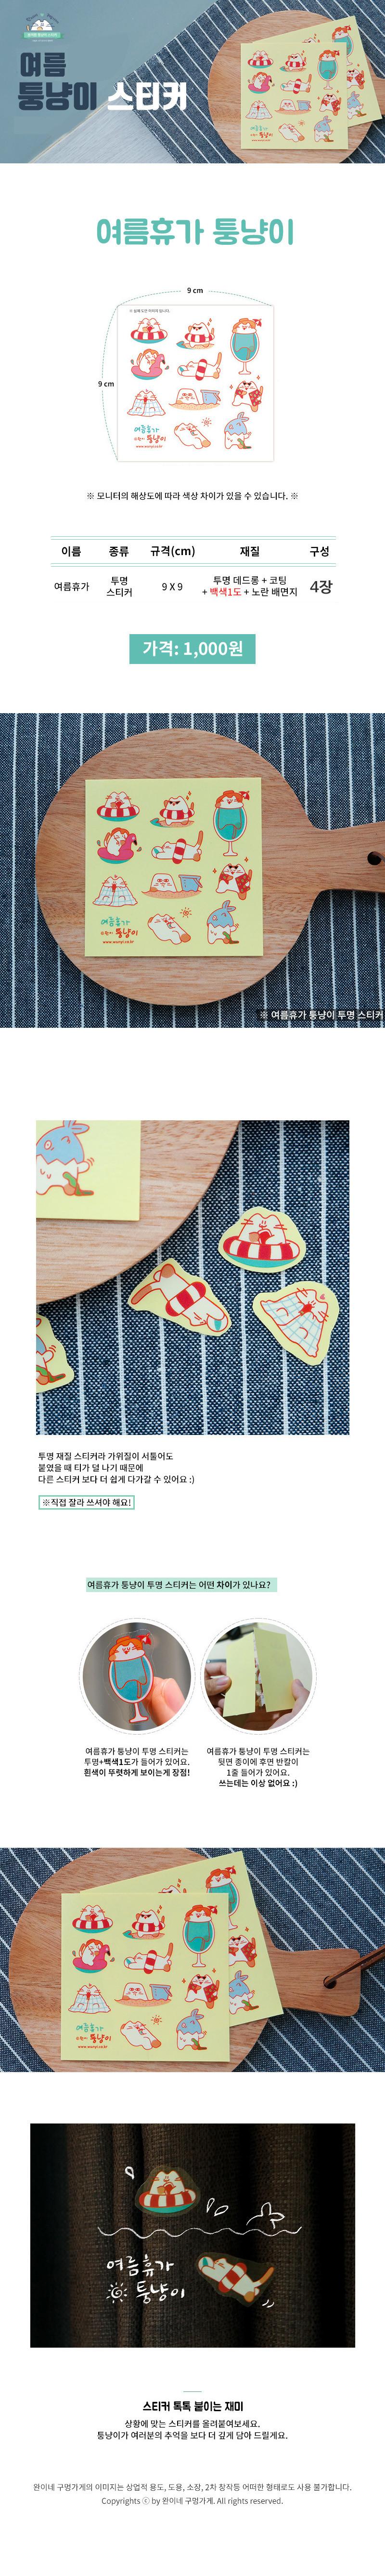 sticker34